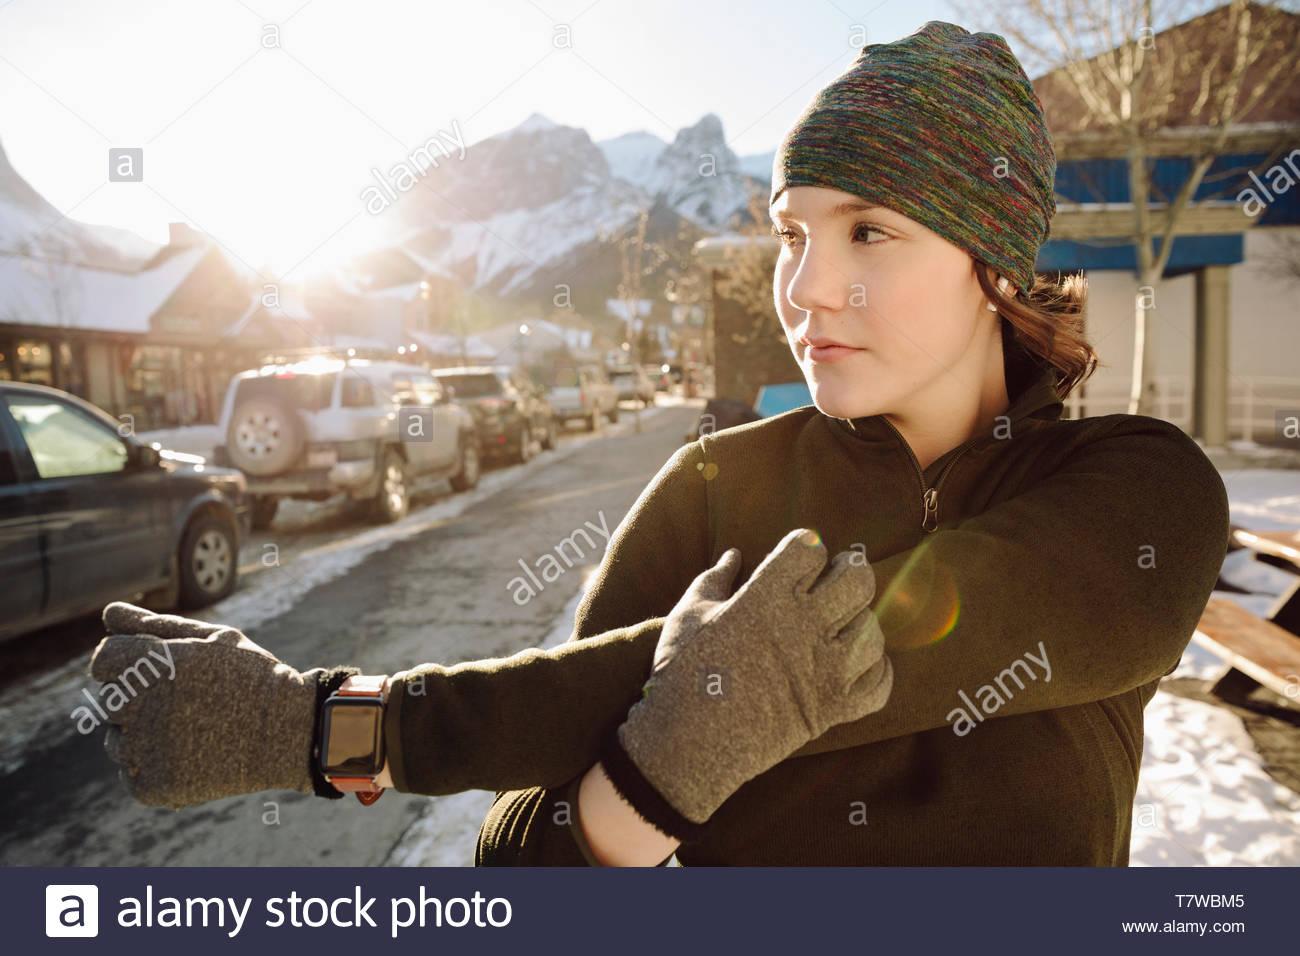 Ragazza adolescente runner braccio di stiro sul marciapiede in inverno Immagini Stock